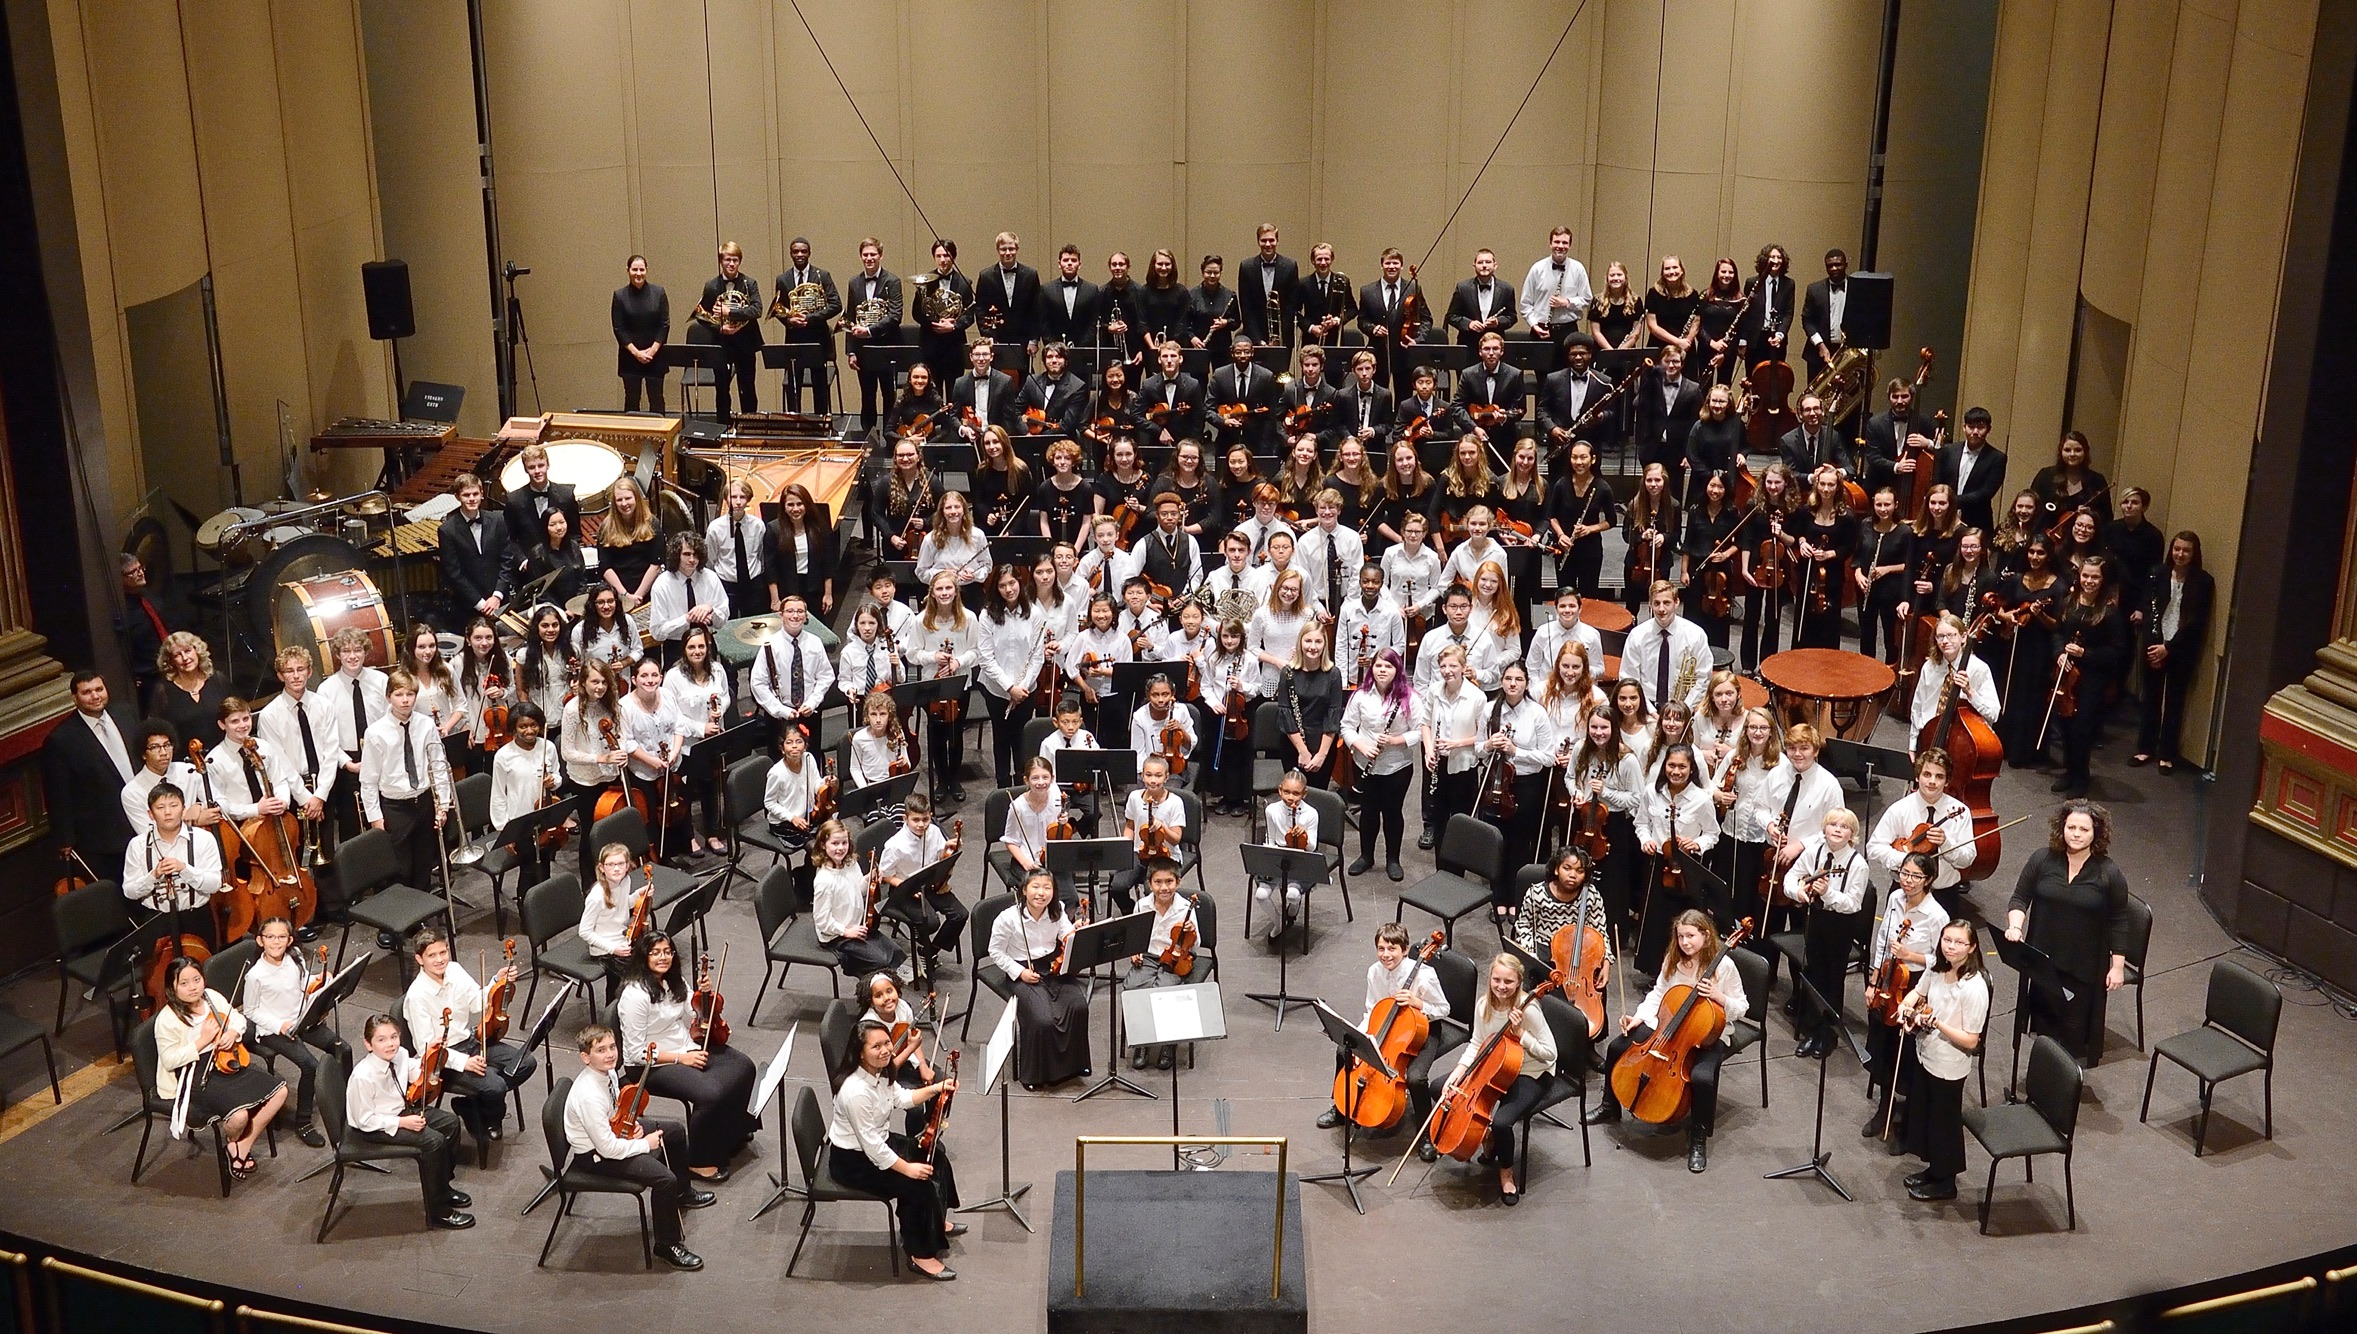 The Winston-Salem Symphony Youth Orchestras Program